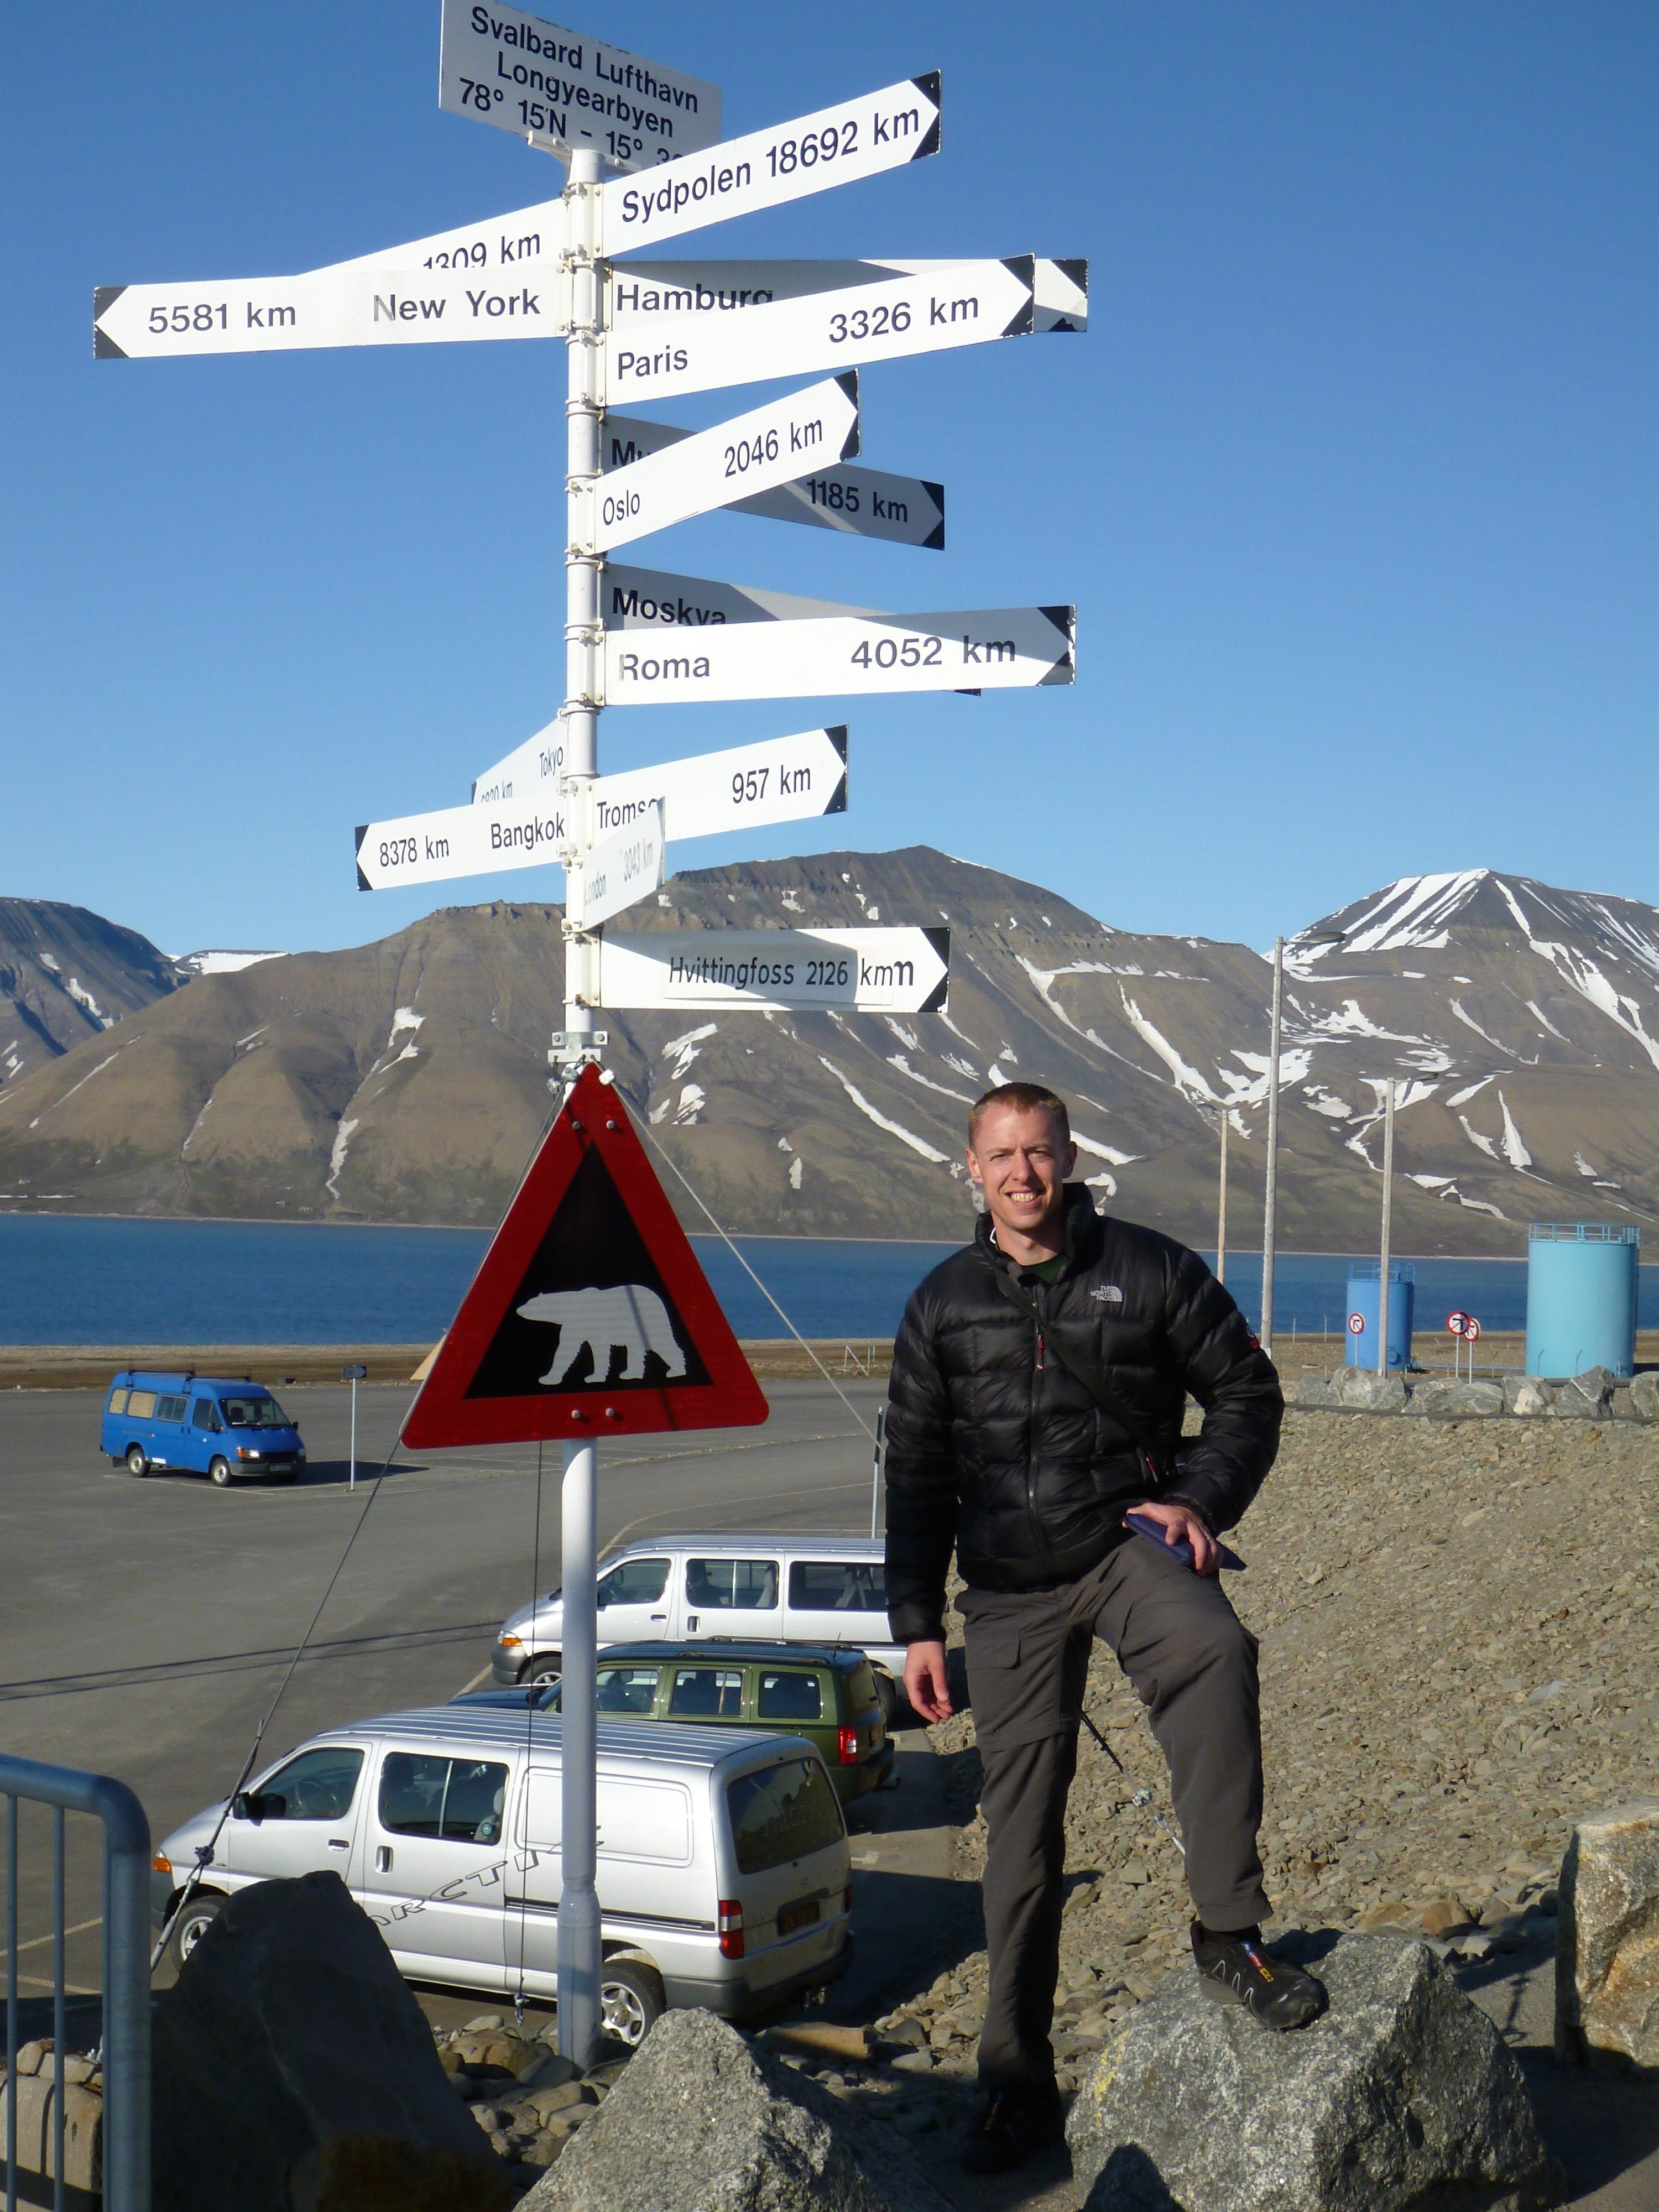 Longyearbyen, Svalbard, 78°N